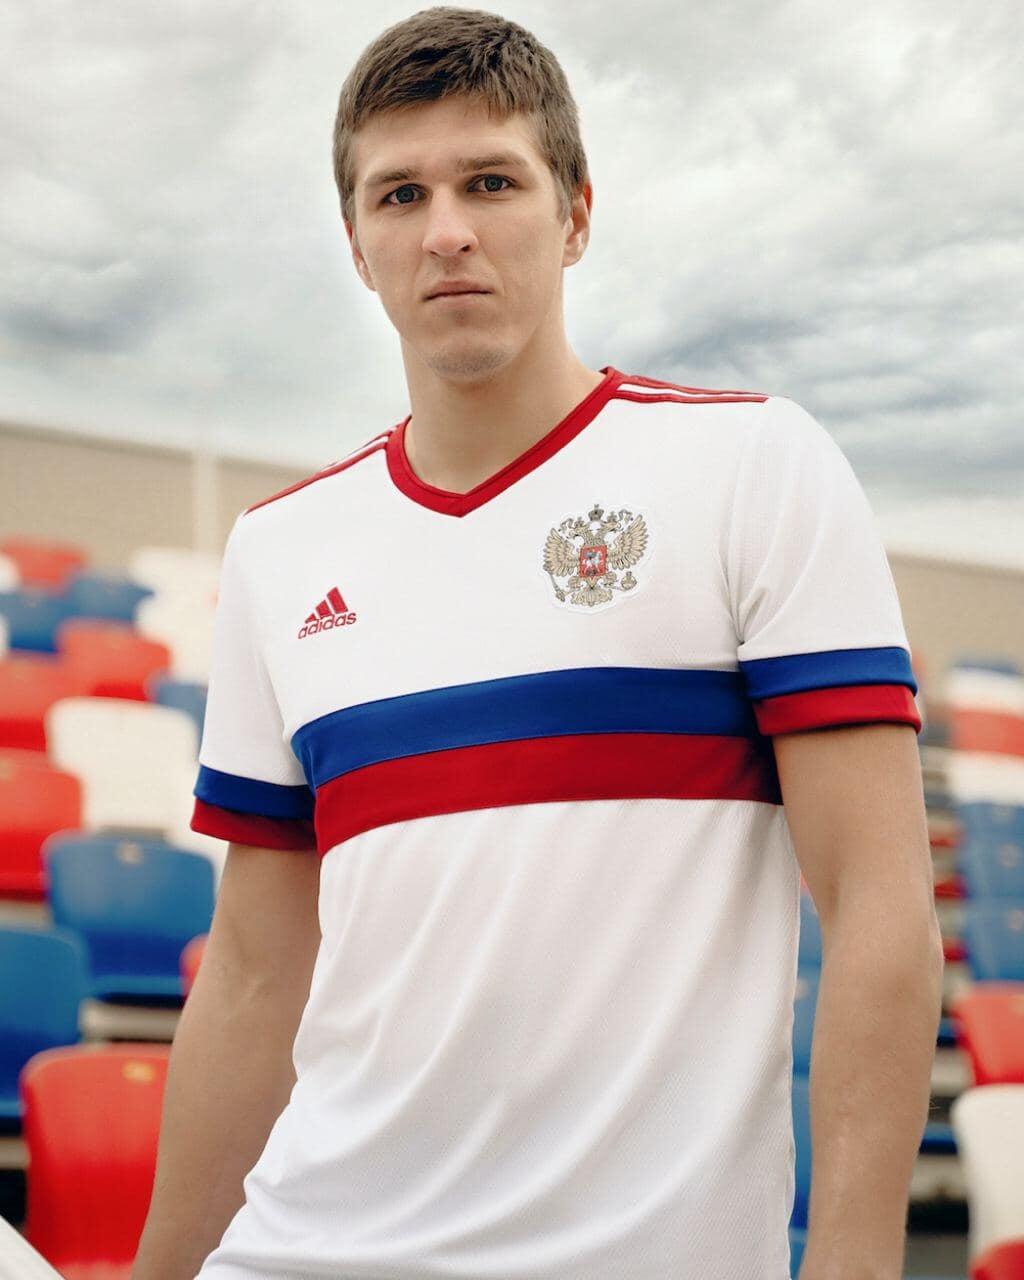 Mirror поставил гостевой комплект сборной России на второе место в рейтинге форм Евро-2020